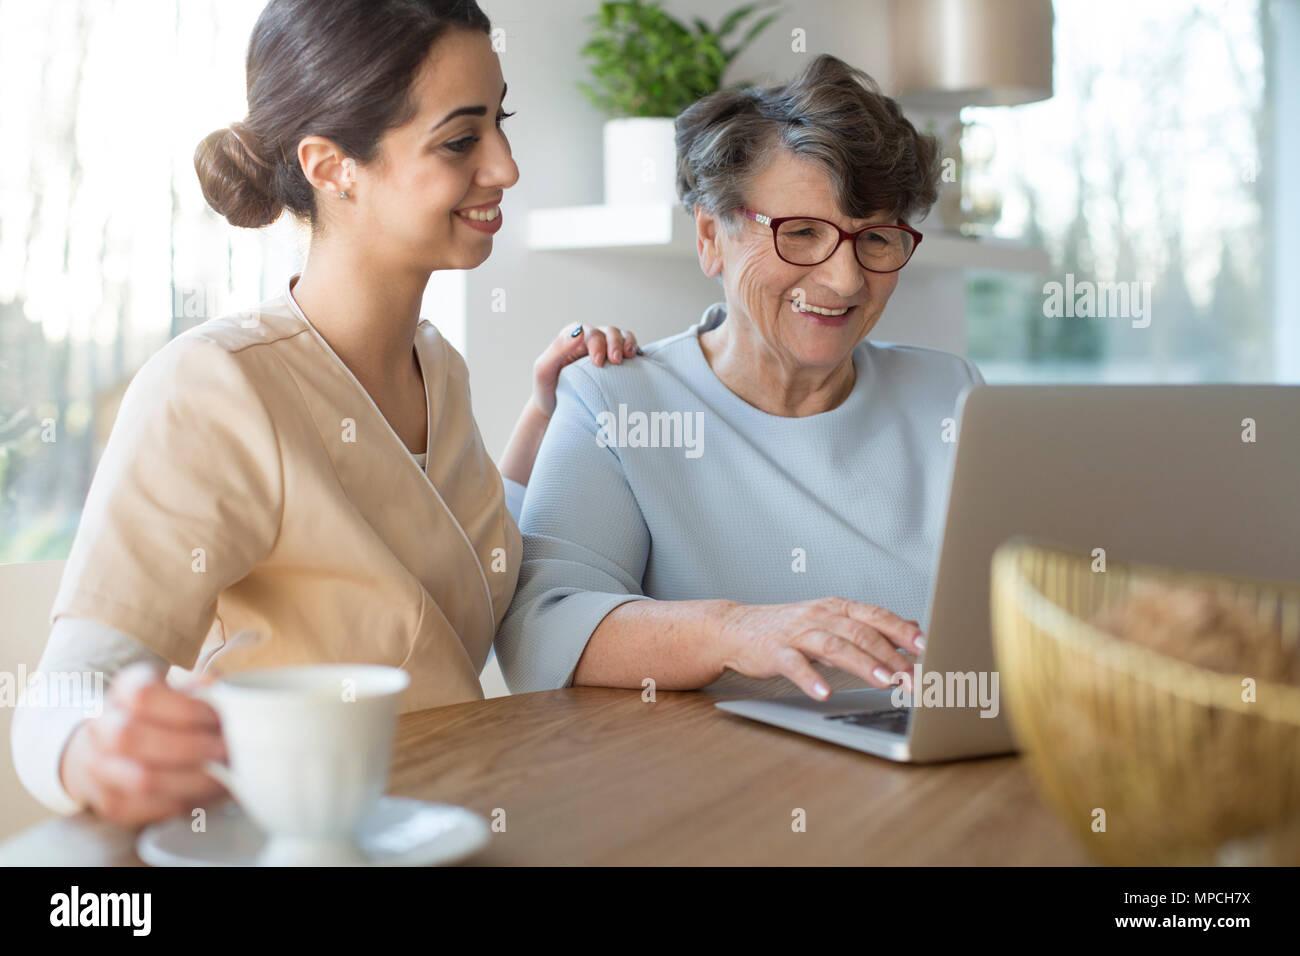 Custode di gara chiudendo il gap generazionale e di insegnamento di una sorridente donna senior l uso di Internet su un computer portatile mentre seduti a un tavolo in una luminosa r Immagini Stock